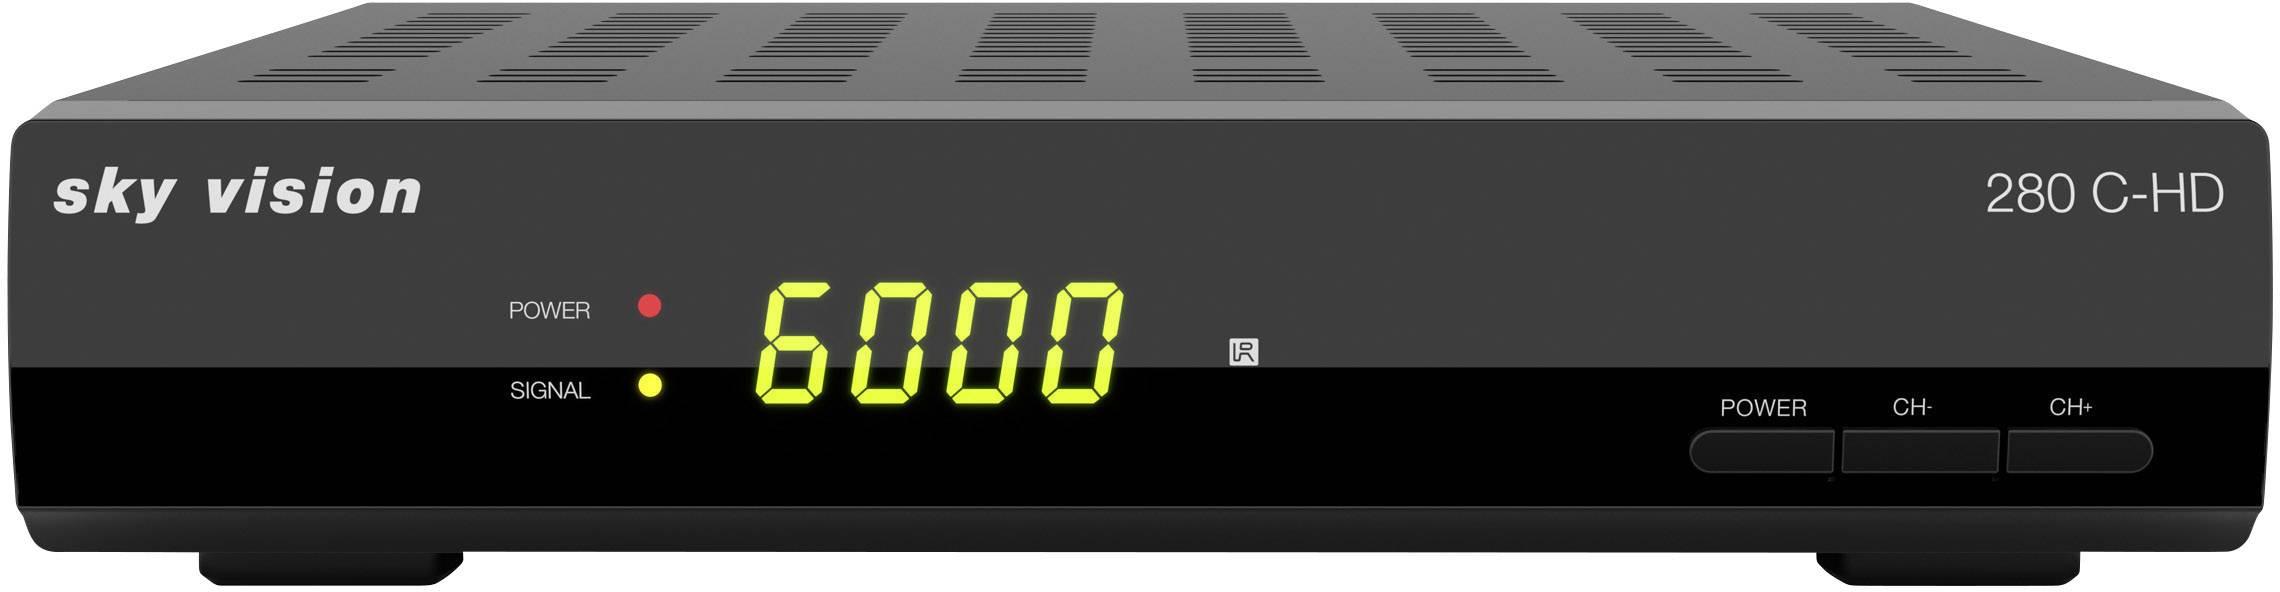 Sky Vision 280 C-HD Ricevitore HD via cavo Numero di sintonizzatori: 1